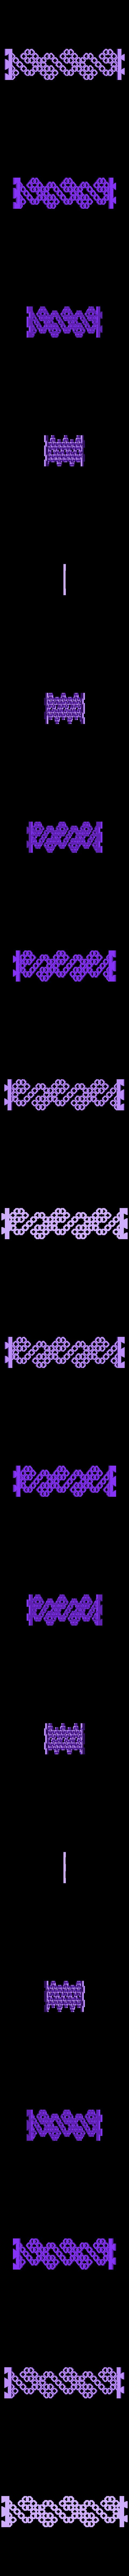 customizablechainmailbraceletv2_Dual120130308-15454-1lj2ijr-0.stl Télécharger fichier STL gratuit Braclette double hélice • Modèle imprimable en 3D, Yipcott